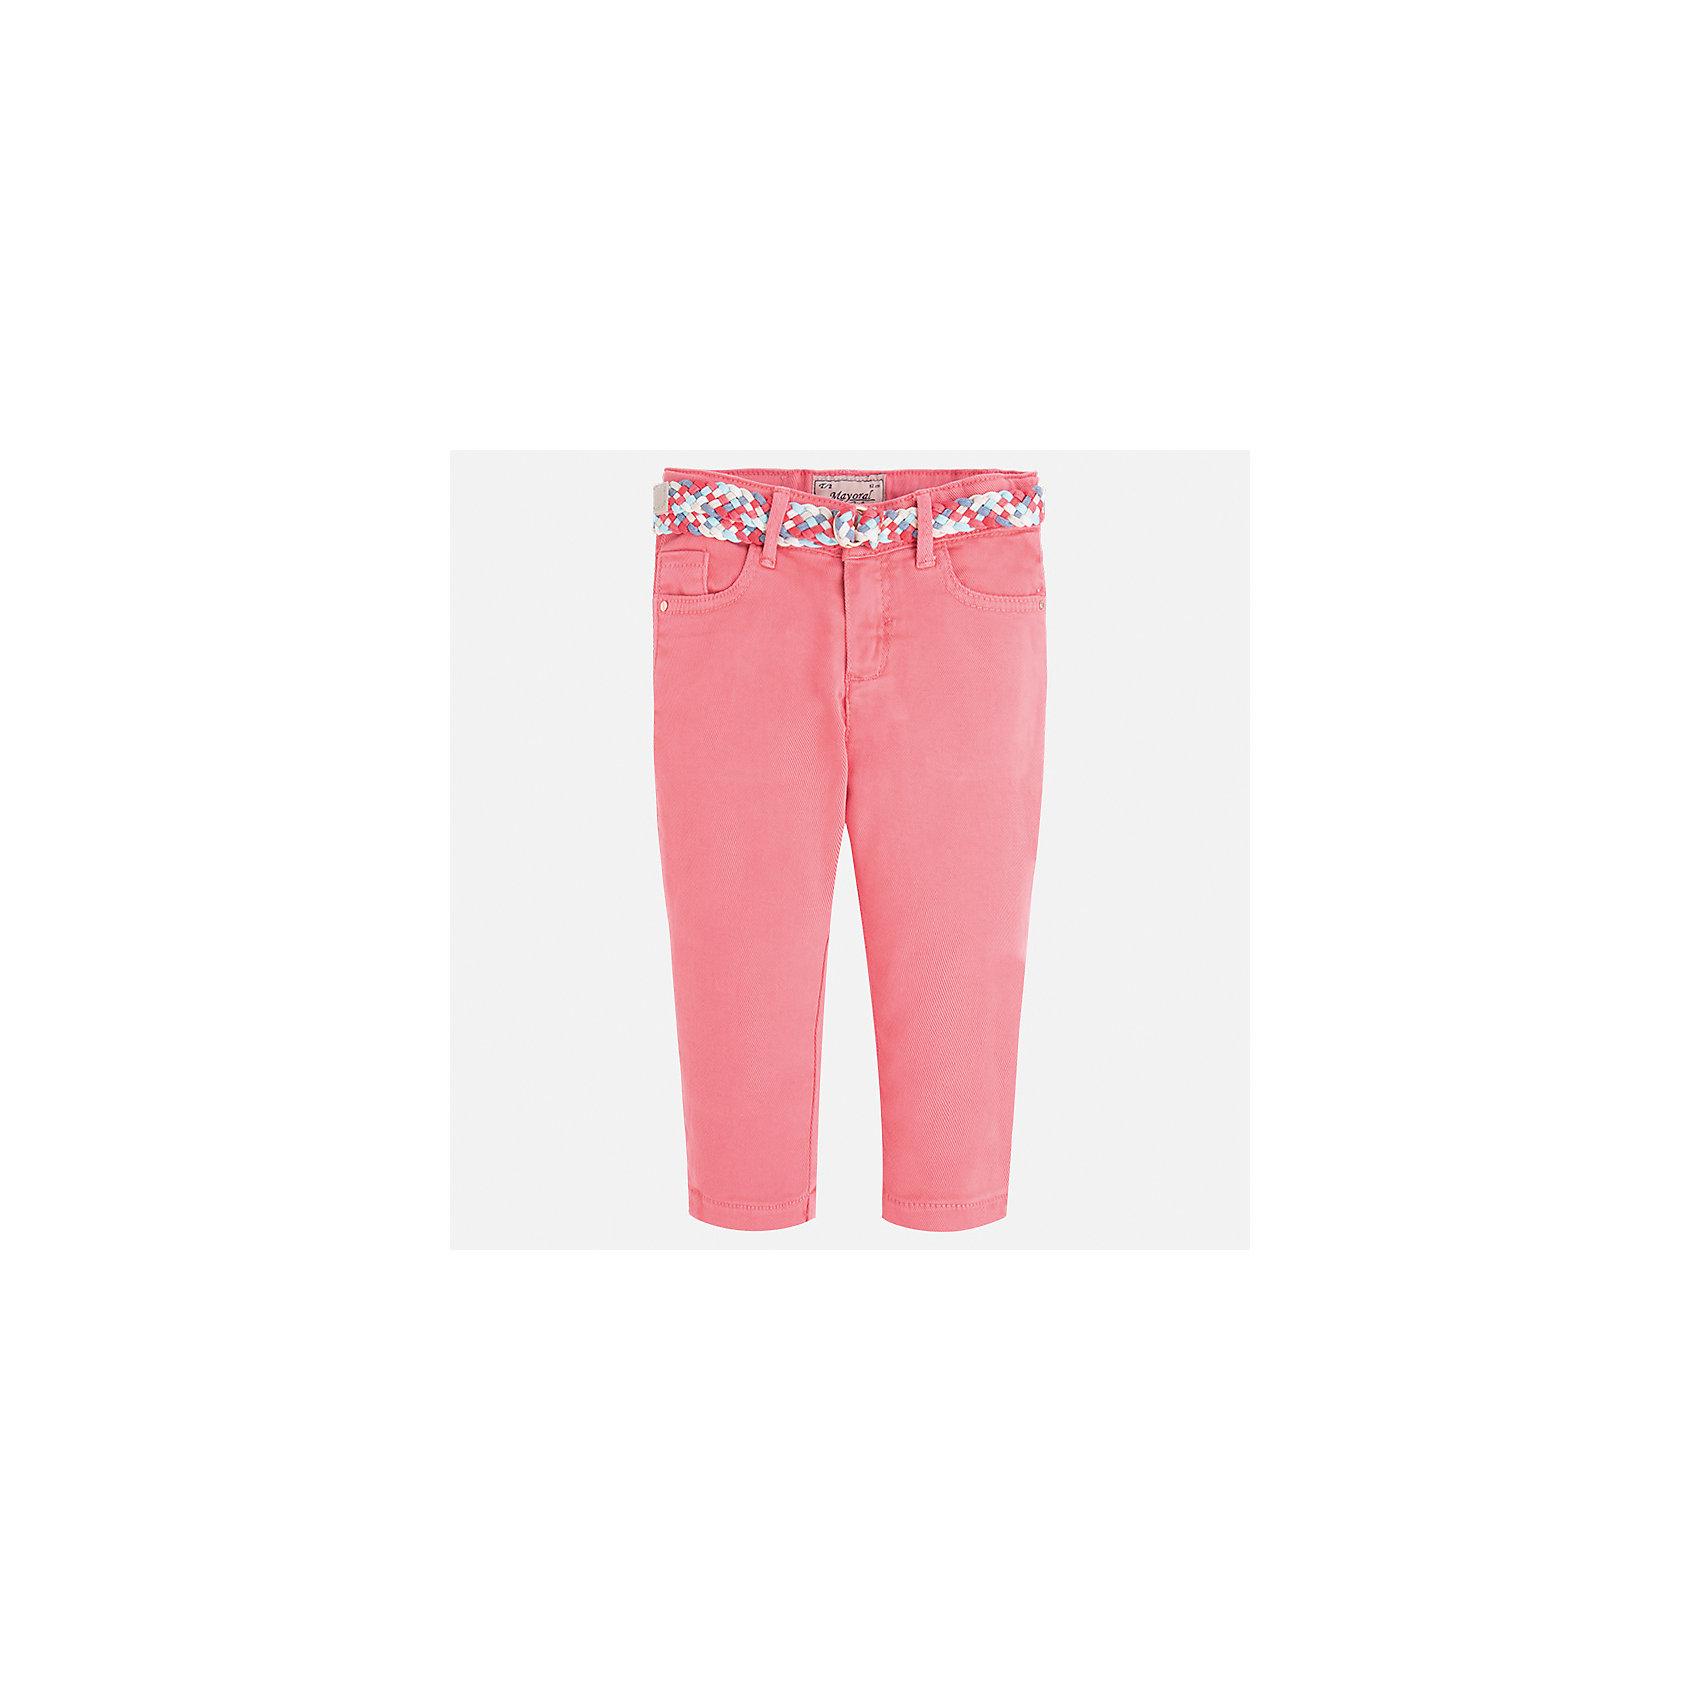 Брюки для девочки MayoralБрюки<br>Характеристики товара:<br><br>• цвет: розовый<br>• состав: 98% хлопок, 2% эластан<br>• шлевки<br>• карманы<br>• пояс с регулировкой объема<br>• яркий оттенок<br>• страна бренда: Испания<br><br>Модные легкие брюки для девочки смогут разнообразить гардероб ребенка и украсить наряд. Они отлично сочетаются с майками, футболками, блузками. Красивый оттенок позволяет подобрать к вещи верх разных расцветок. Интересный крой модели делает её нарядной и оригинальной. В составе материала - натуральный хлопок, гипоаллергенный, приятный на ощупь, дышащий.<br><br>Одежда, обувь и аксессуары от испанского бренда Mayoral полюбились детям и взрослым по всему миру. Модели этой марки - стильные и удобные. Для их производства используются только безопасные, качественные материалы и фурнитура. Порадуйте ребенка модными и красивыми вещами от Mayoral! <br><br>Брюки для девочки от испанского бренда Mayoral (Майорал) можно купить в нашем интернет-магазине.<br><br>Ширина мм: 215<br>Глубина мм: 88<br>Высота мм: 191<br>Вес г: 336<br>Цвет: розовый<br>Возраст от месяцев: 18<br>Возраст до месяцев: 24<br>Пол: Женский<br>Возраст: Детский<br>Размер: 92,134,128,122,116,110,104,98<br>SKU: 5290314